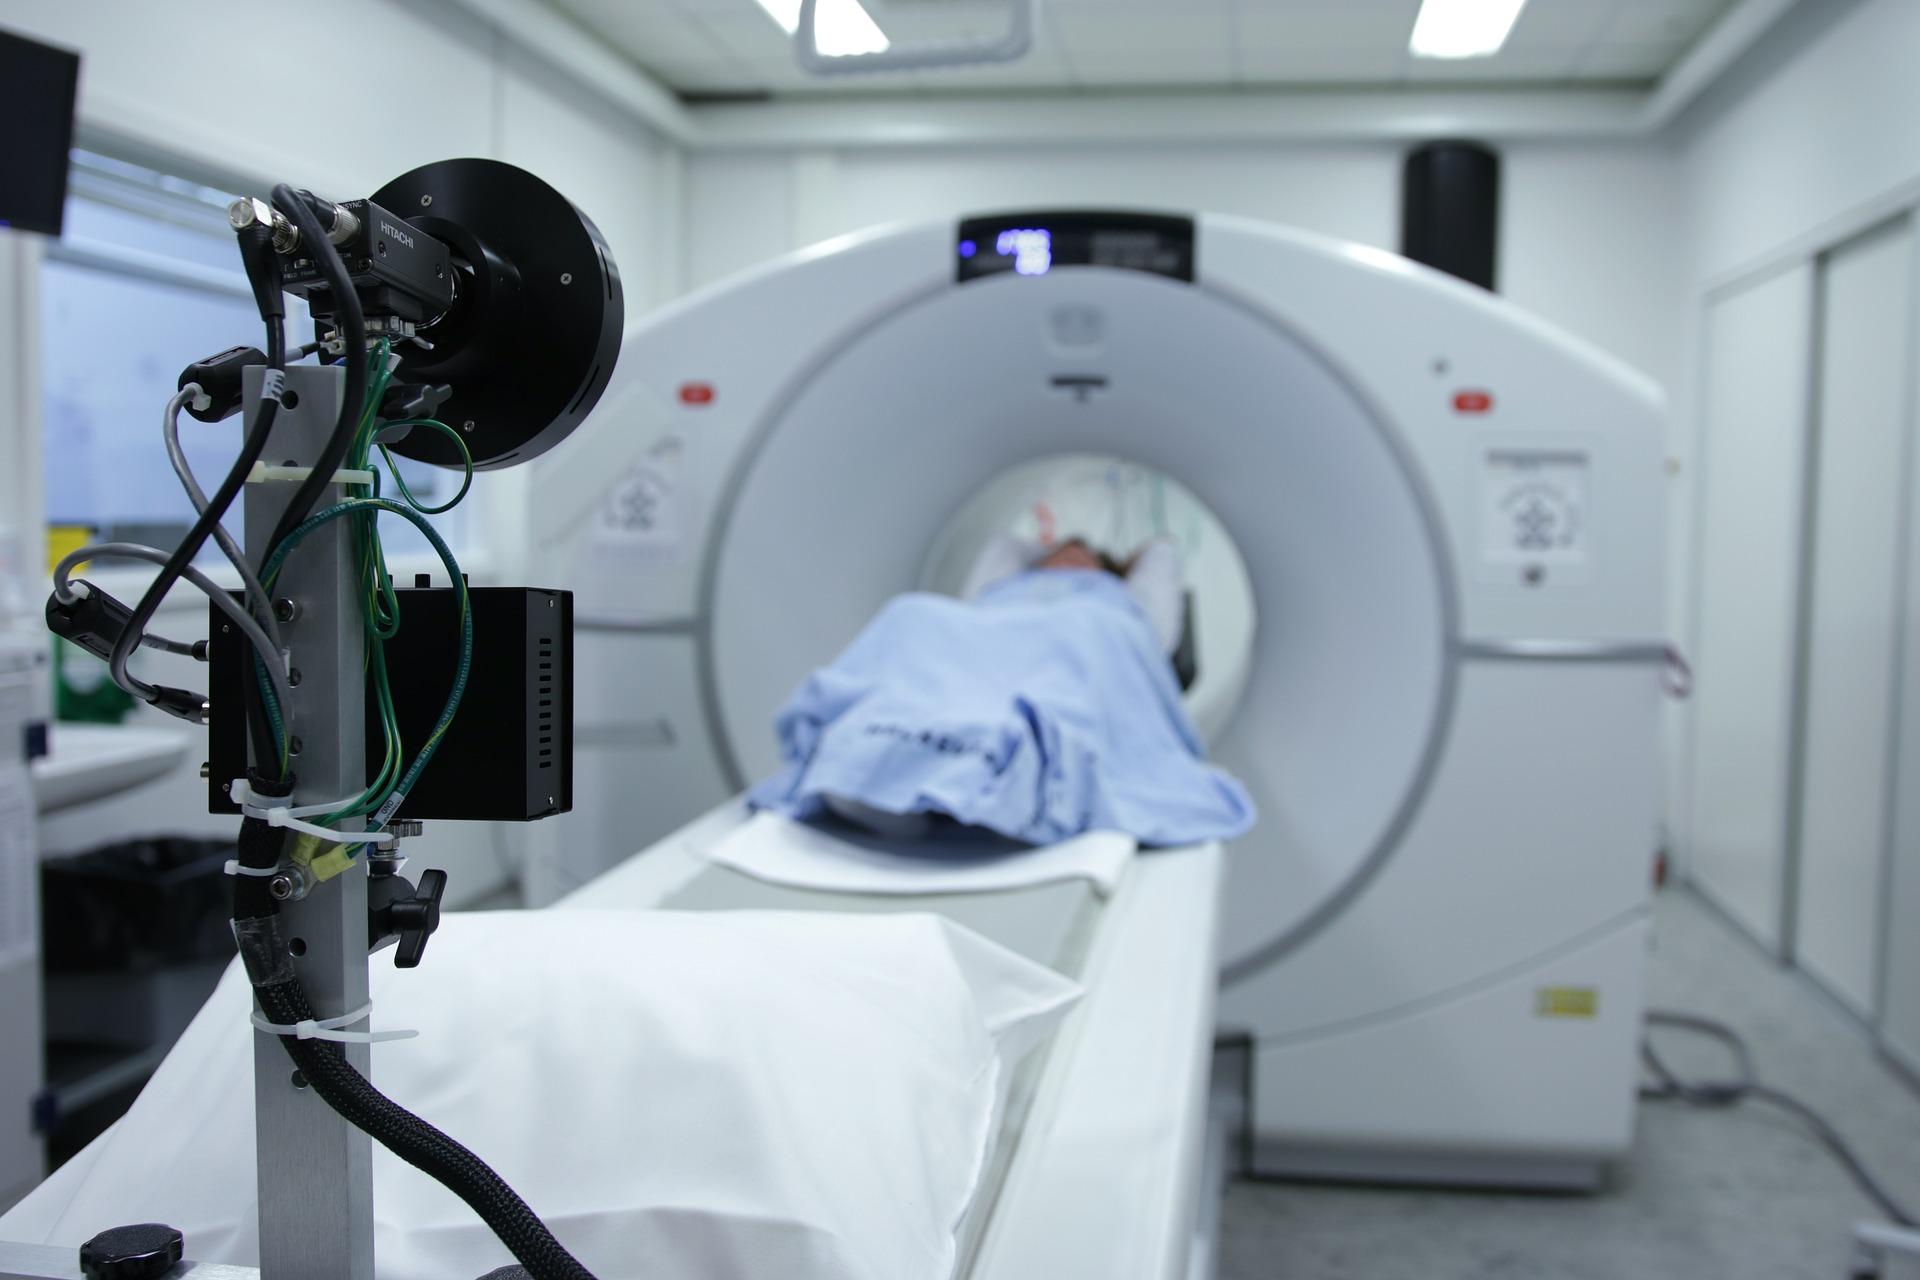 GARANTE PRIVACY: Sanità, No All'uso Illecito Dei Dati Degli Accertamenti Medici